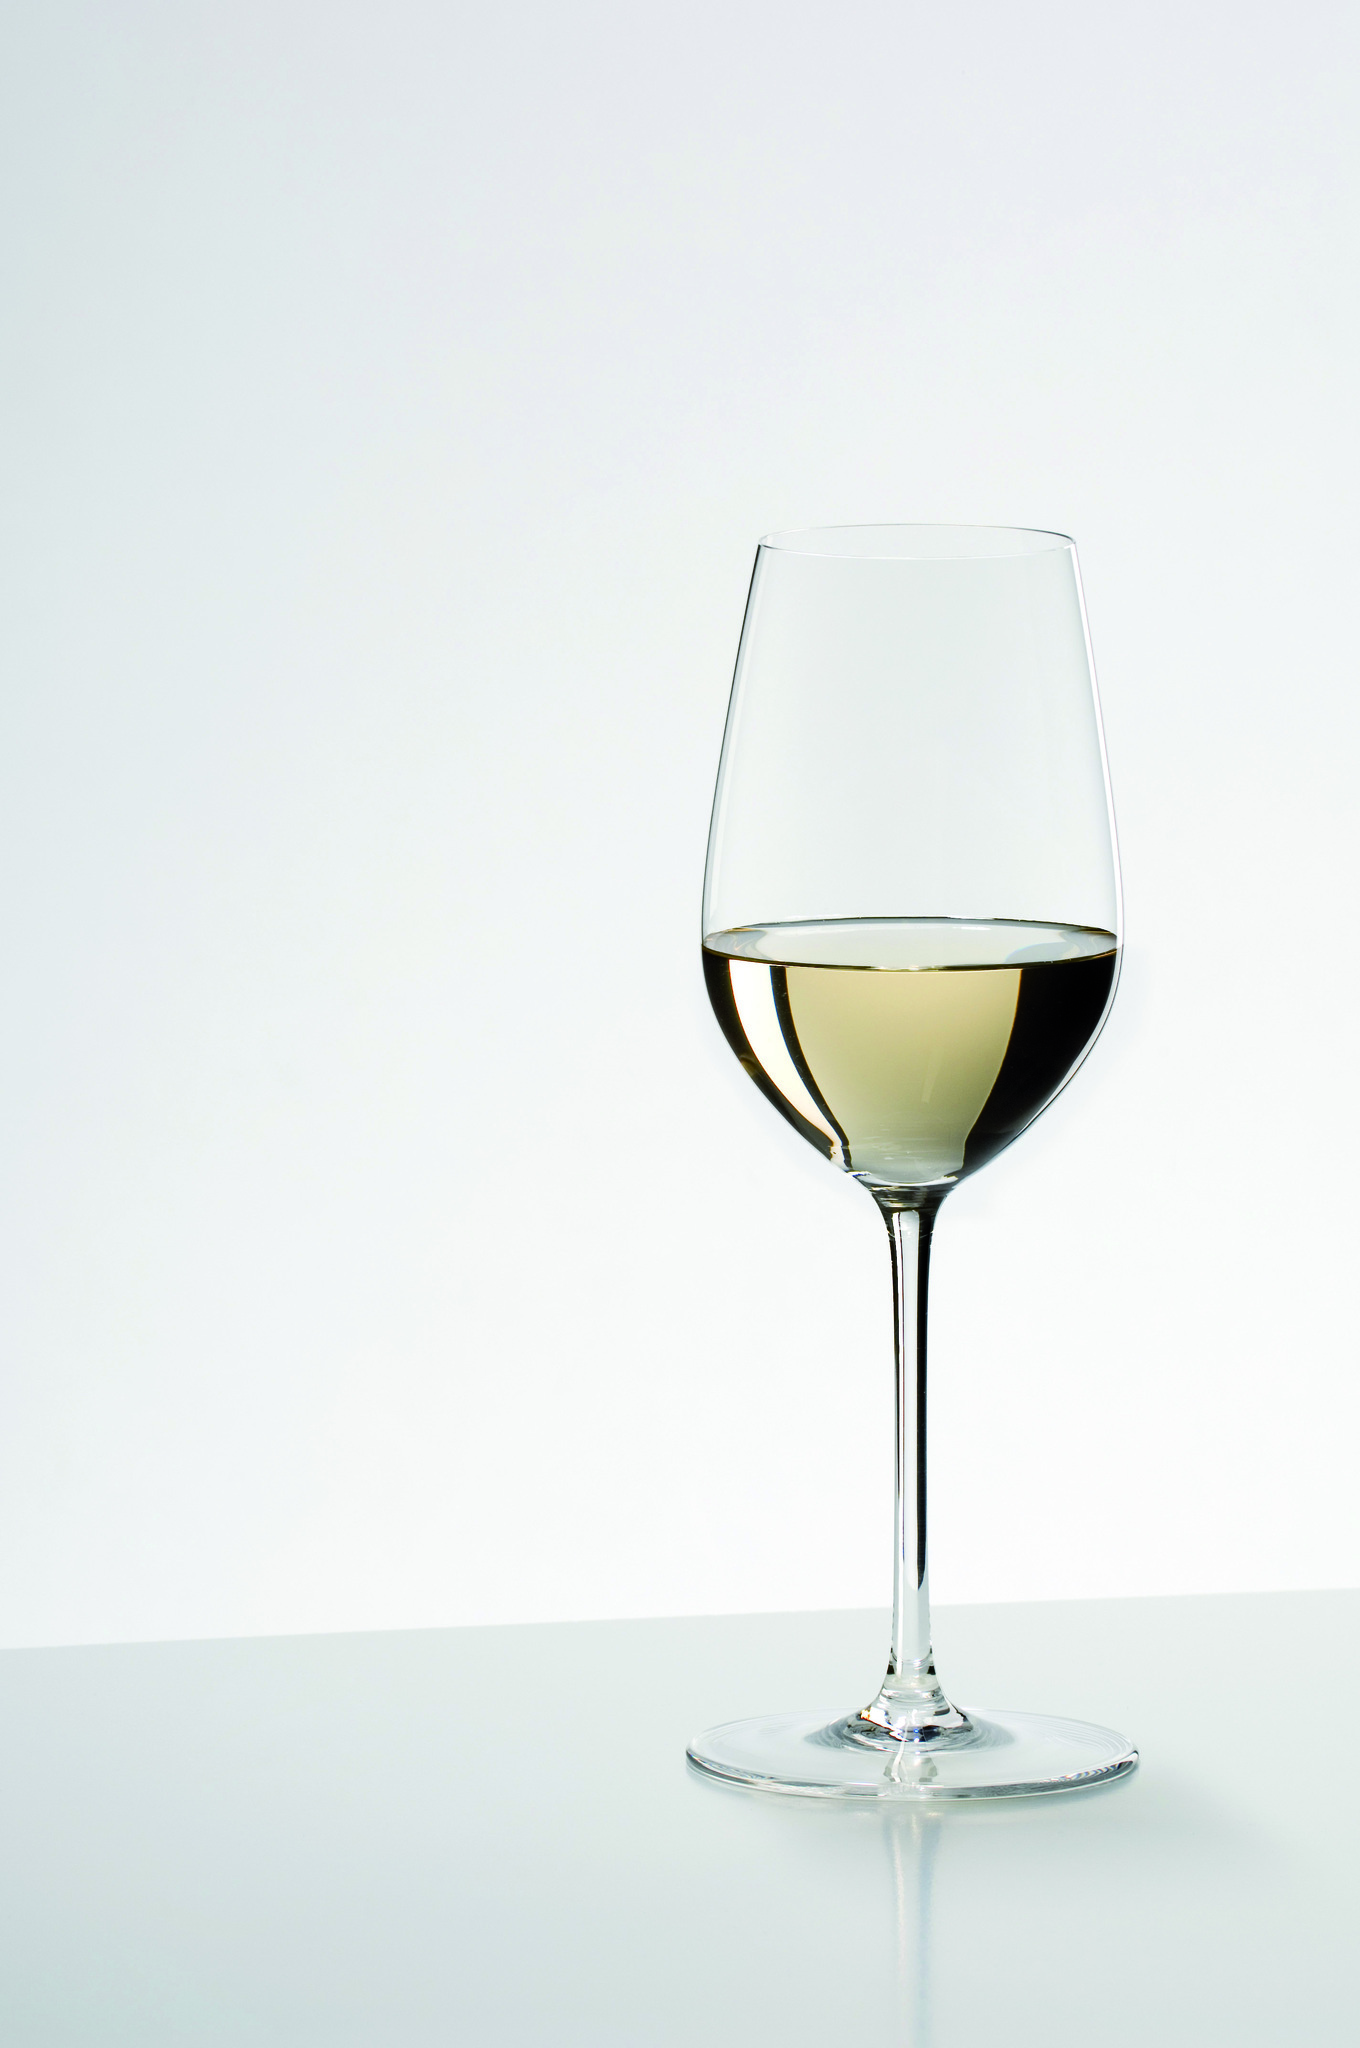 Бокалы Бокал для белого вина 380мл Riedel Sommeliers Chianti Classico/Riesling Grand Cru Хрустальное стекло bokal-dlya-belogo-vina-380-ml-riedel-chianti-classicoriesling-grand-cru-avstriya.jpg